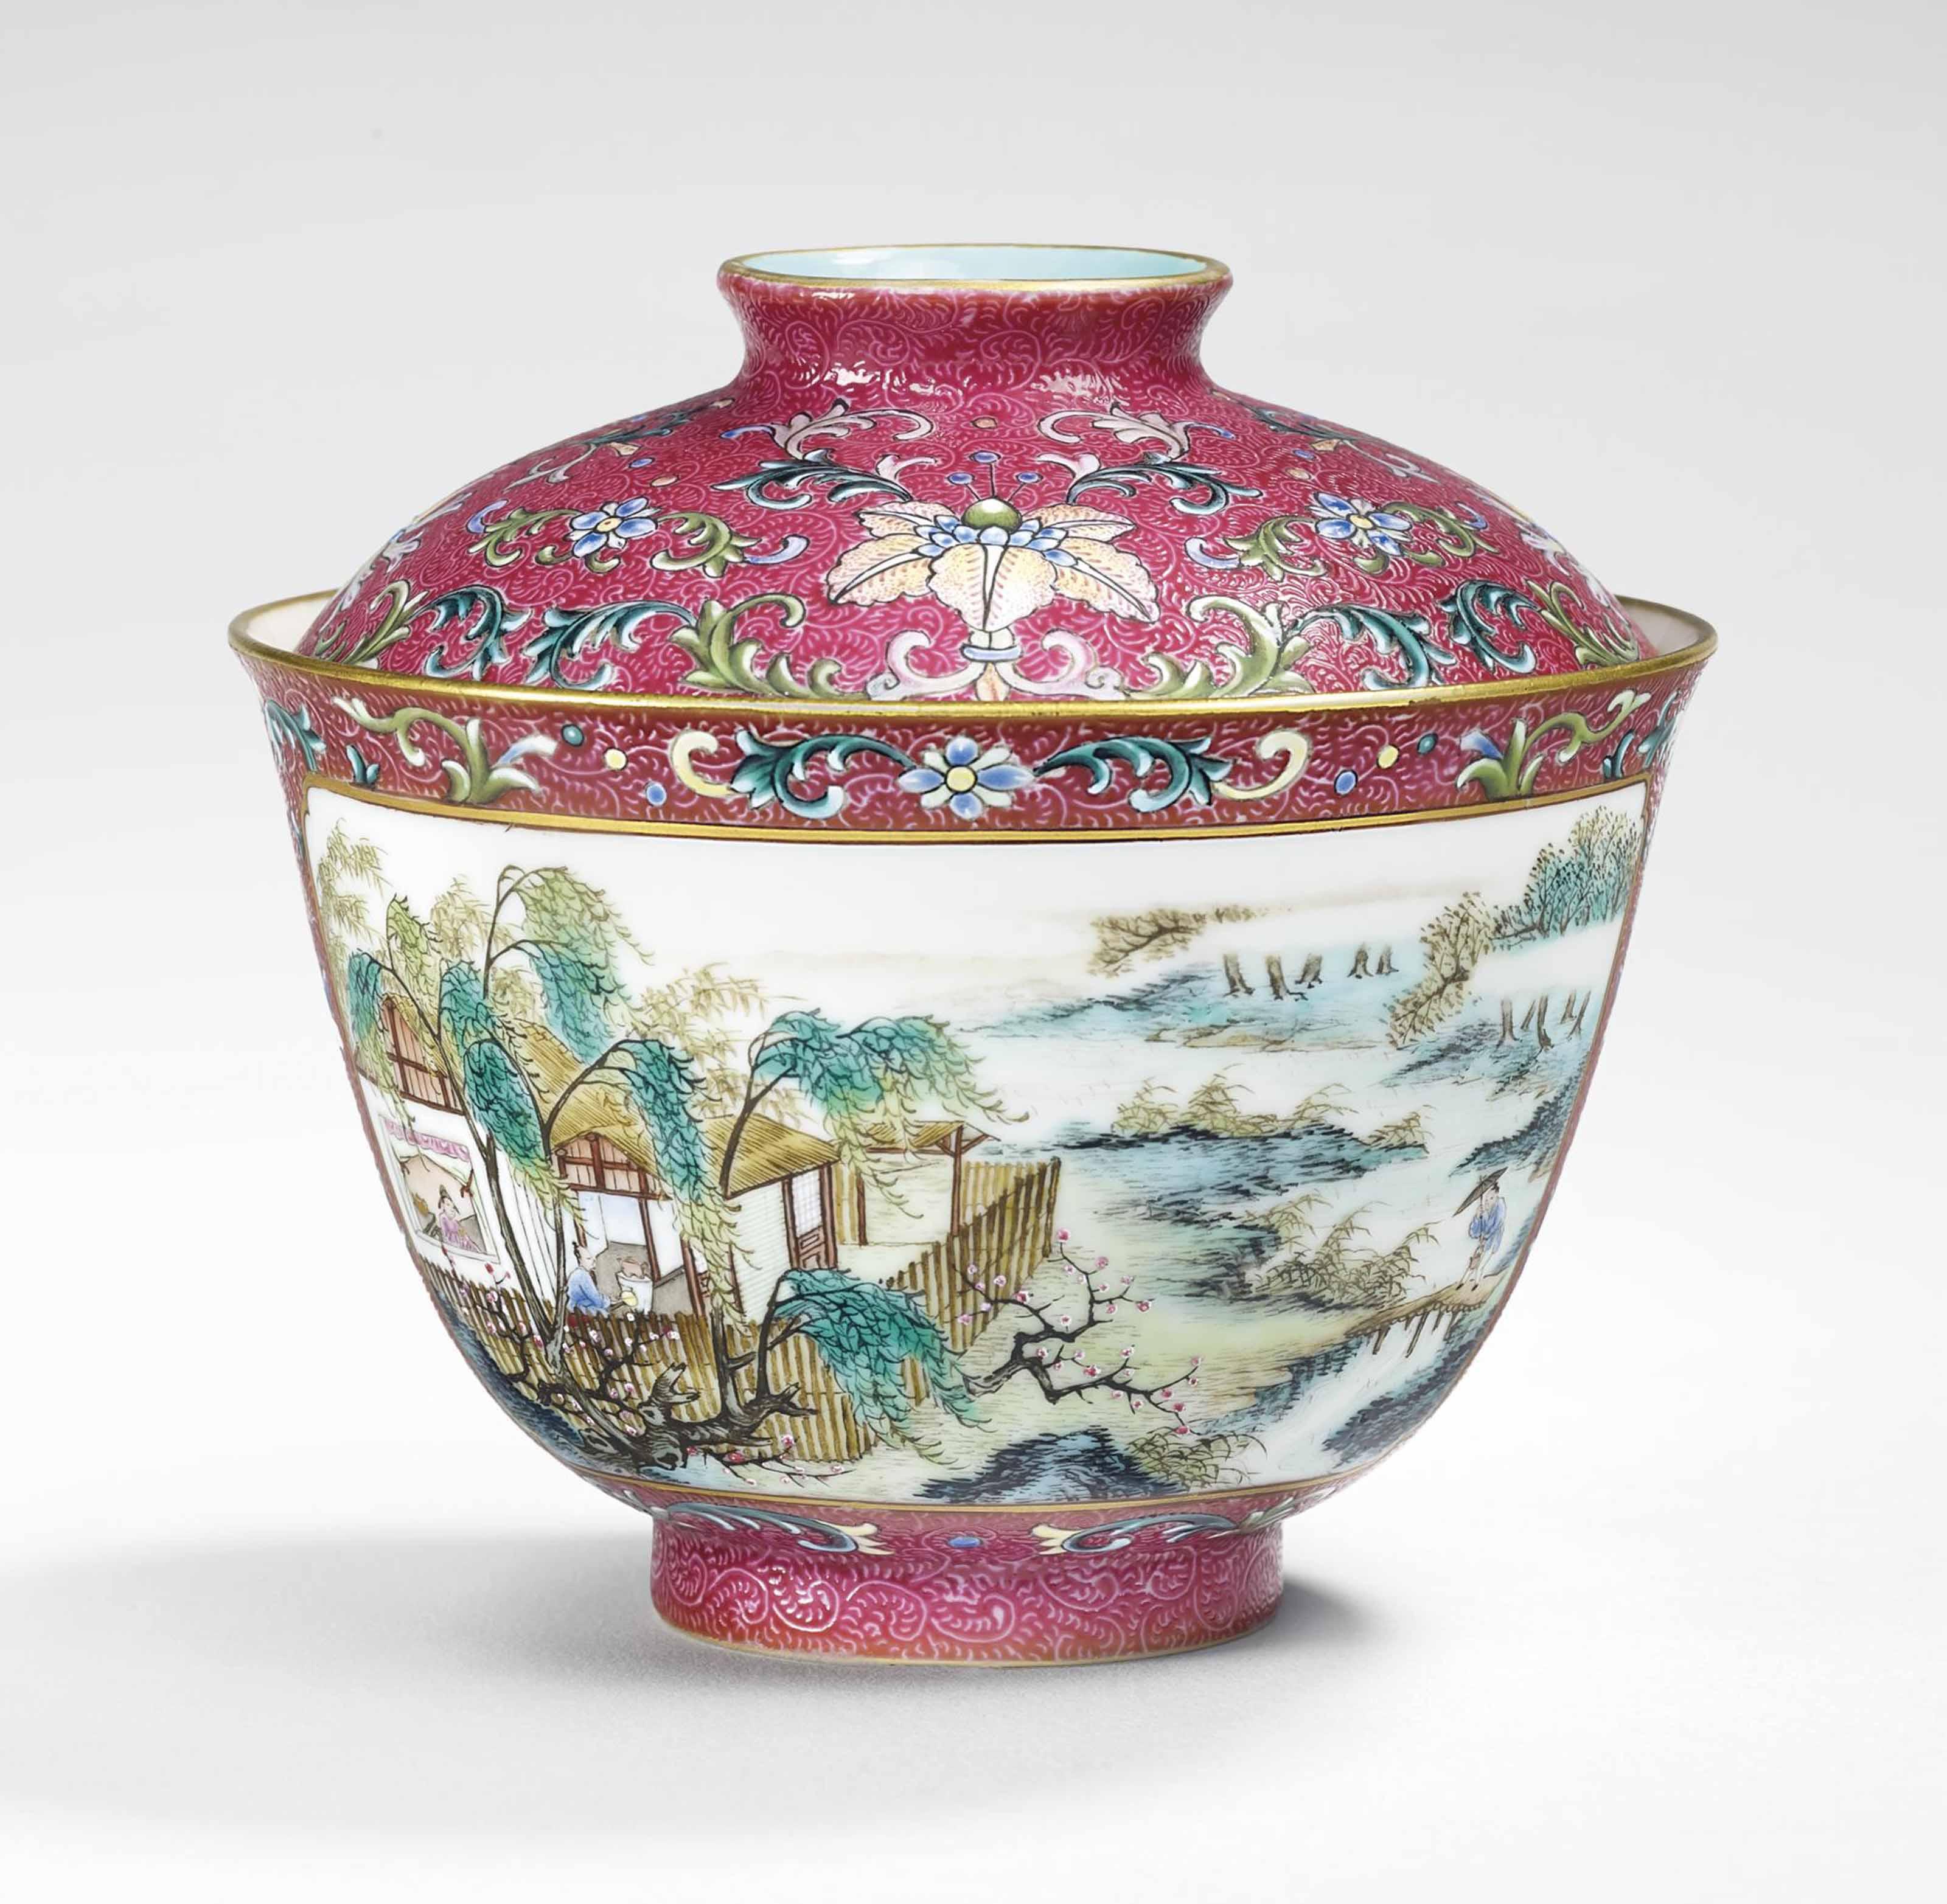 rare bol couvert en porcelaine de la famille rose chine dynastie qing marque a six. Black Bedroom Furniture Sets. Home Design Ideas